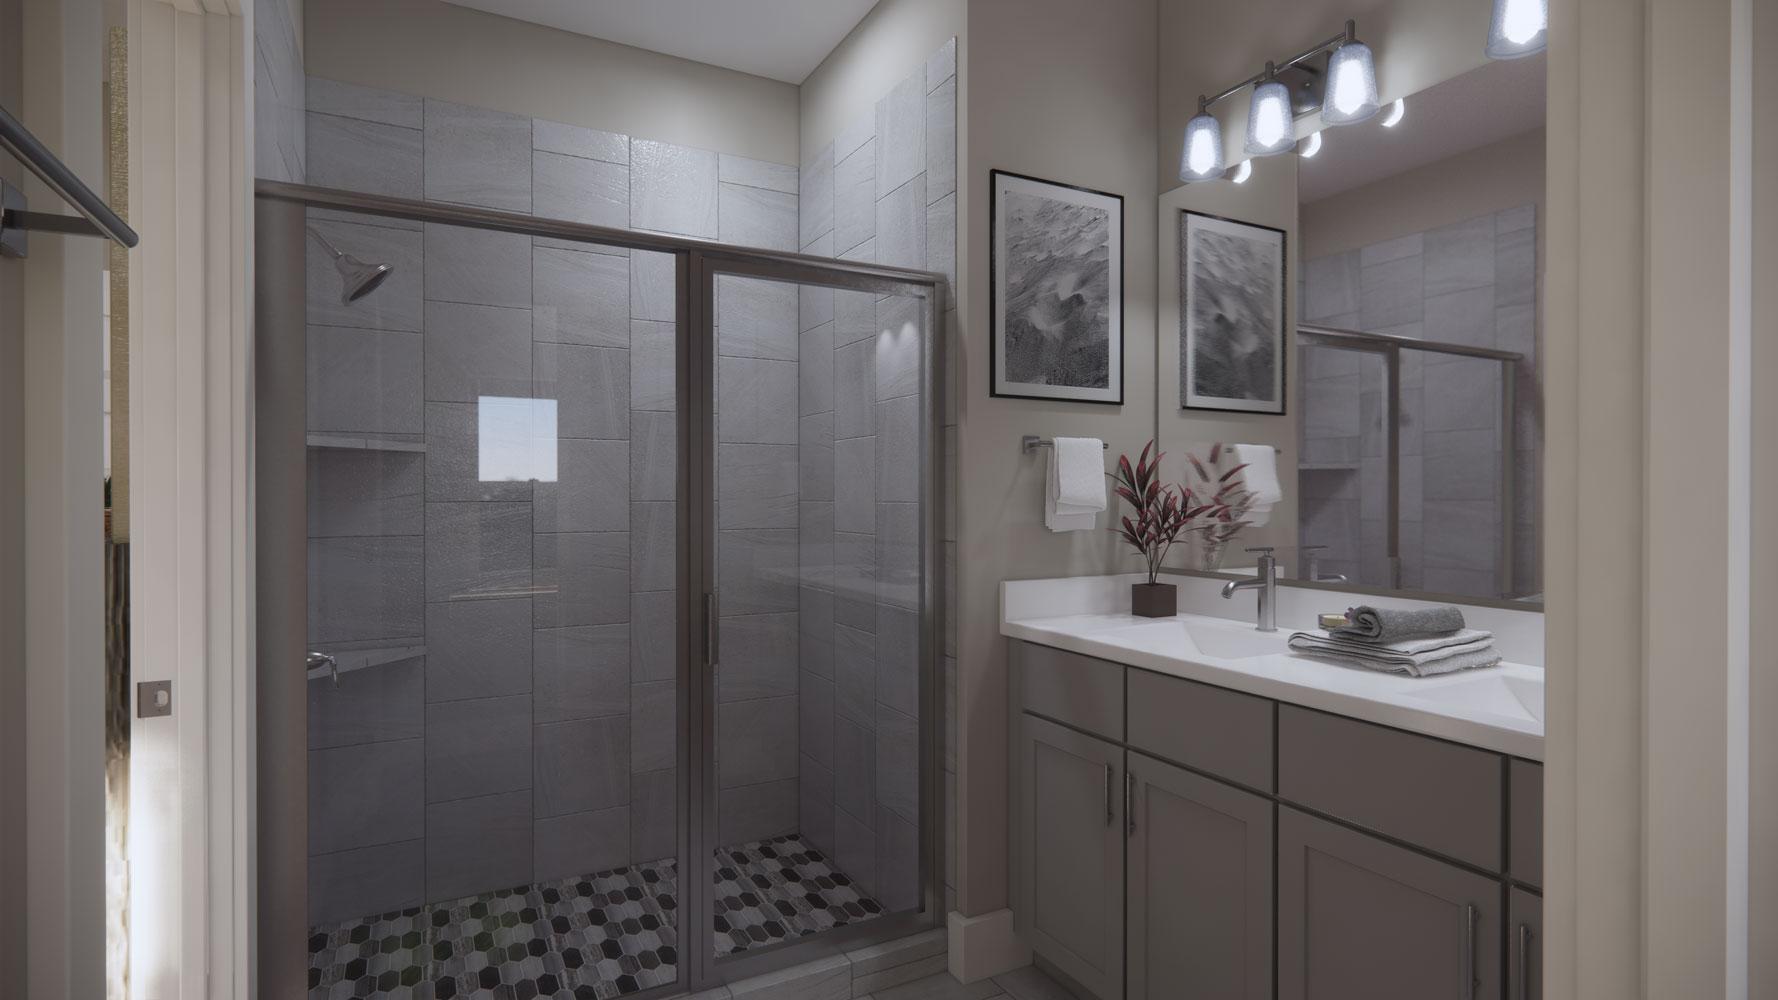 Walk-In Shower at Echelon at Reverchon Bluffs in Dallas, Texas